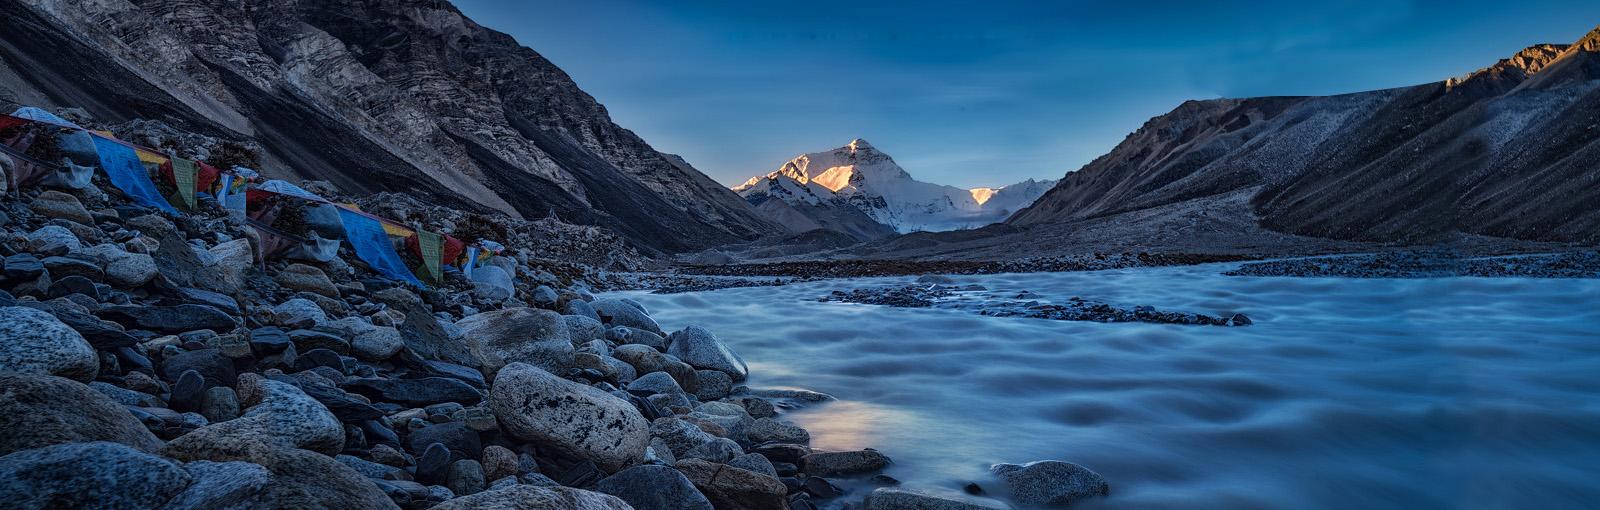 Tibet Group Tour,Everest Base Camp Tour